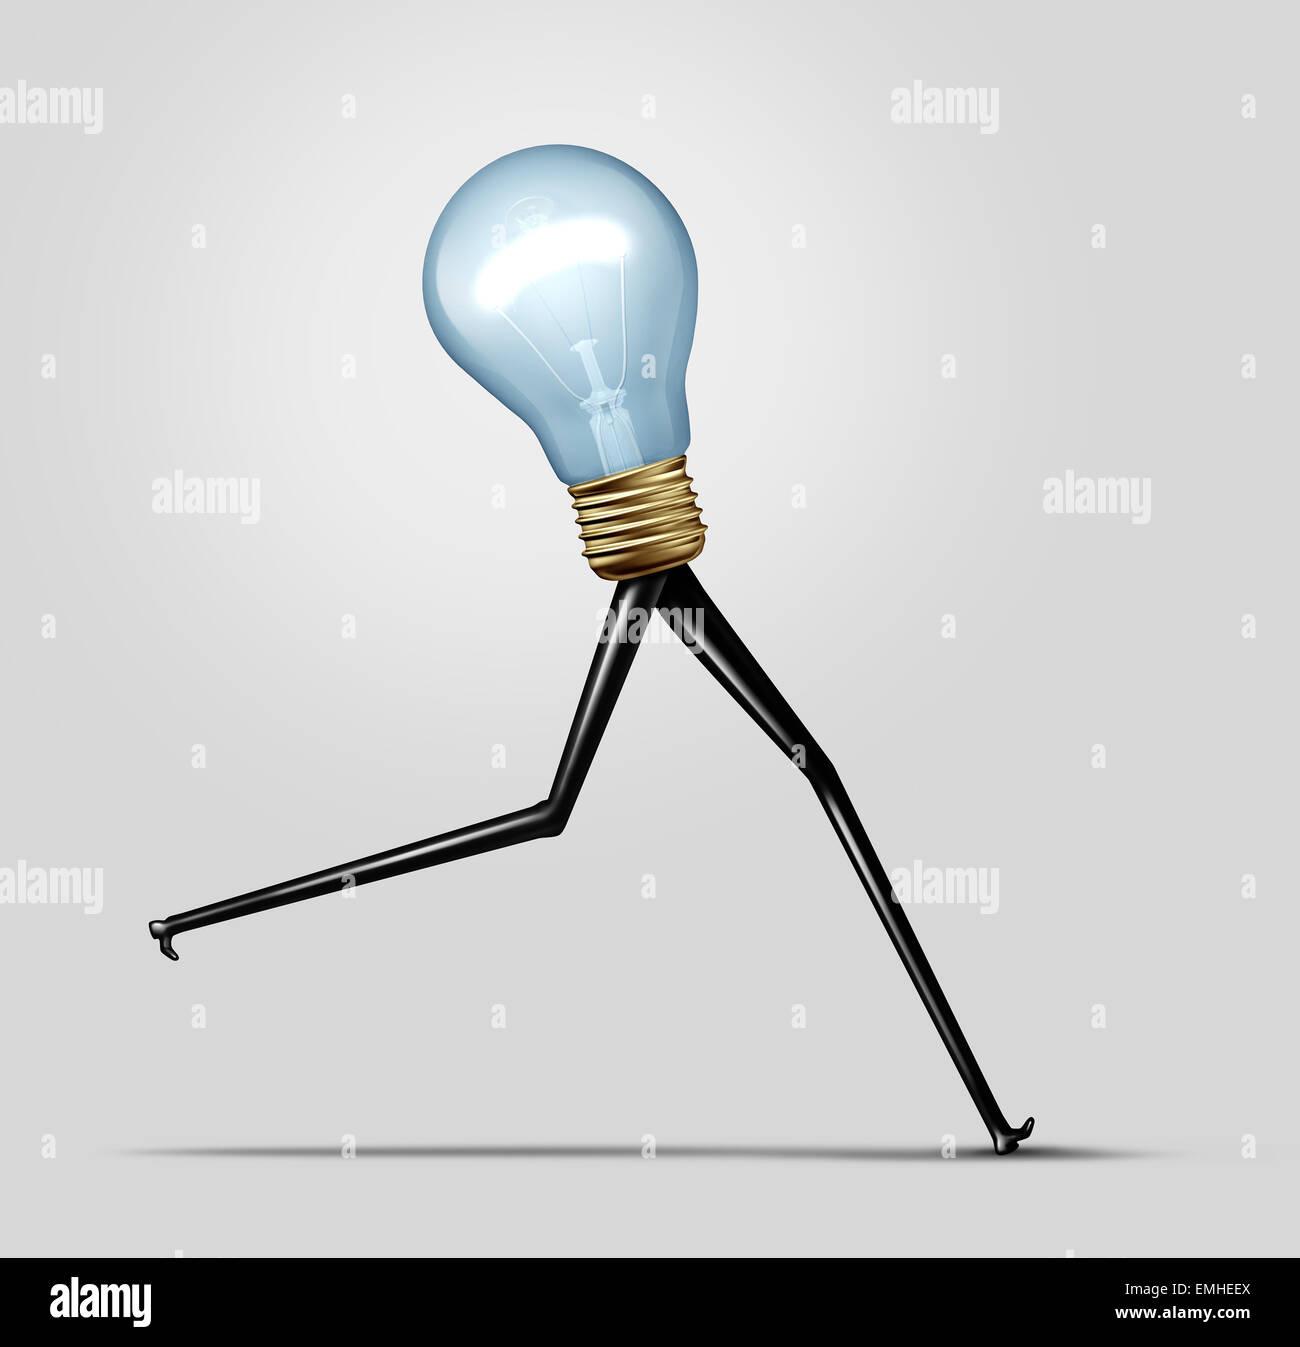 Energia creativa e la velocità del pensiero concetto aziendale come una brillante luce brillante lampadina Immagini Stock